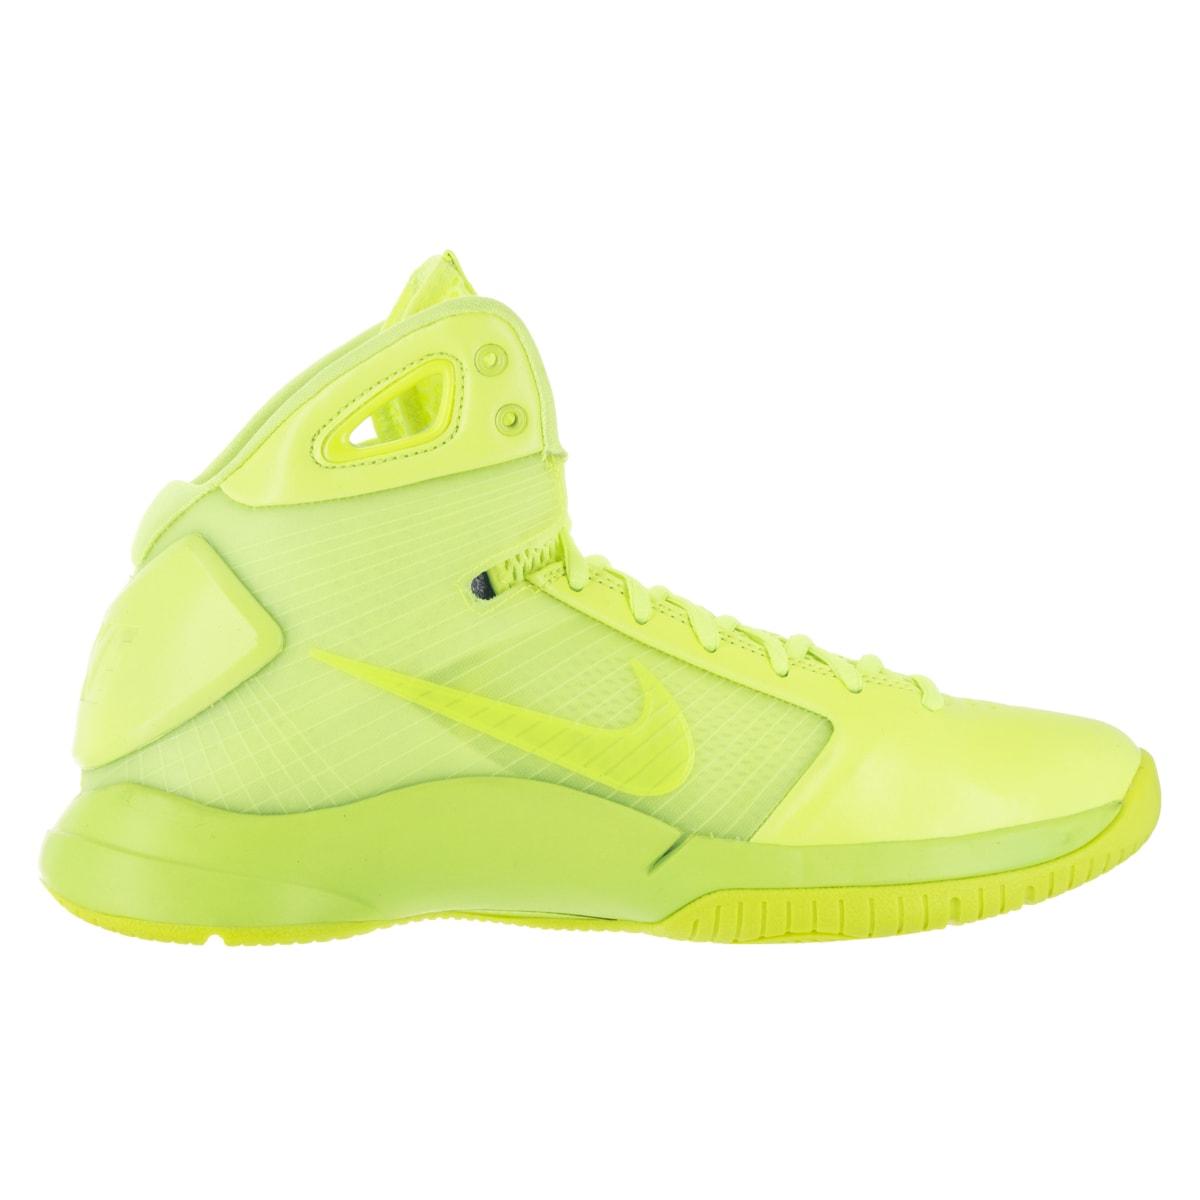 0a000f5ad7af Shop Nike Men s Hyperdunk  08 Volt Volt Volt Basketball Shoe - Free  Shipping Today - Overstock.com - 13392279